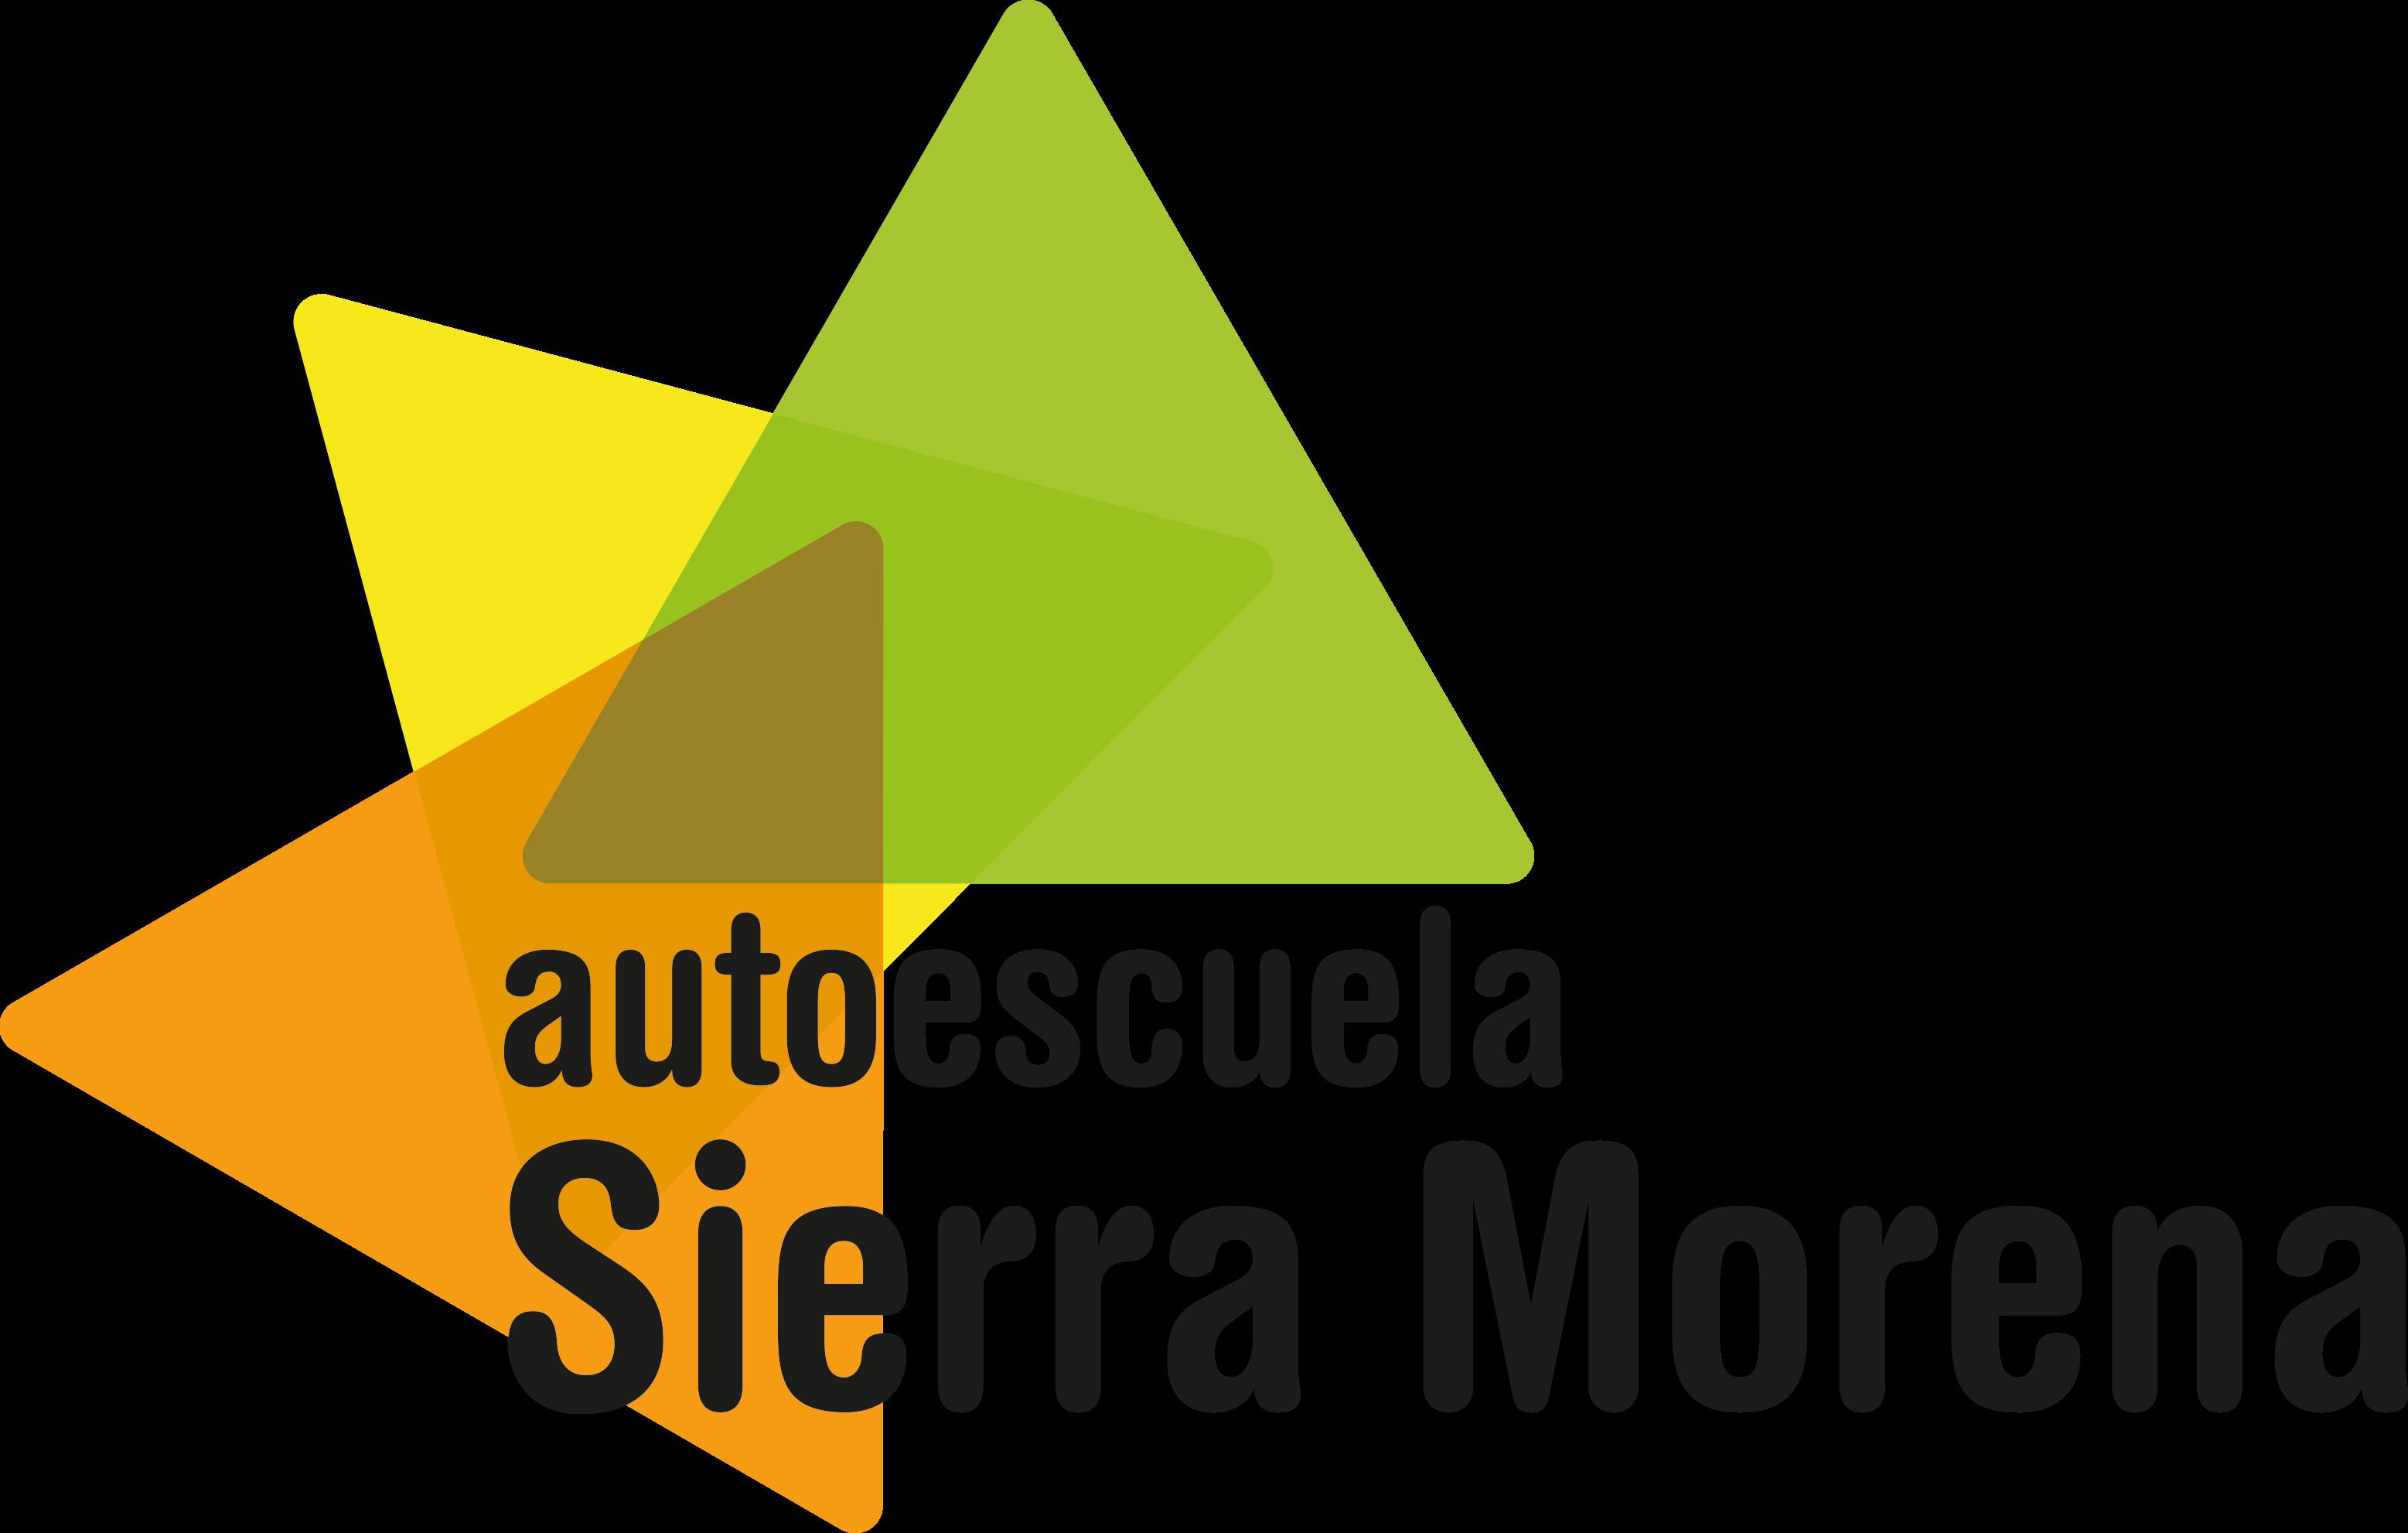 Autoescuela Sierra Morena